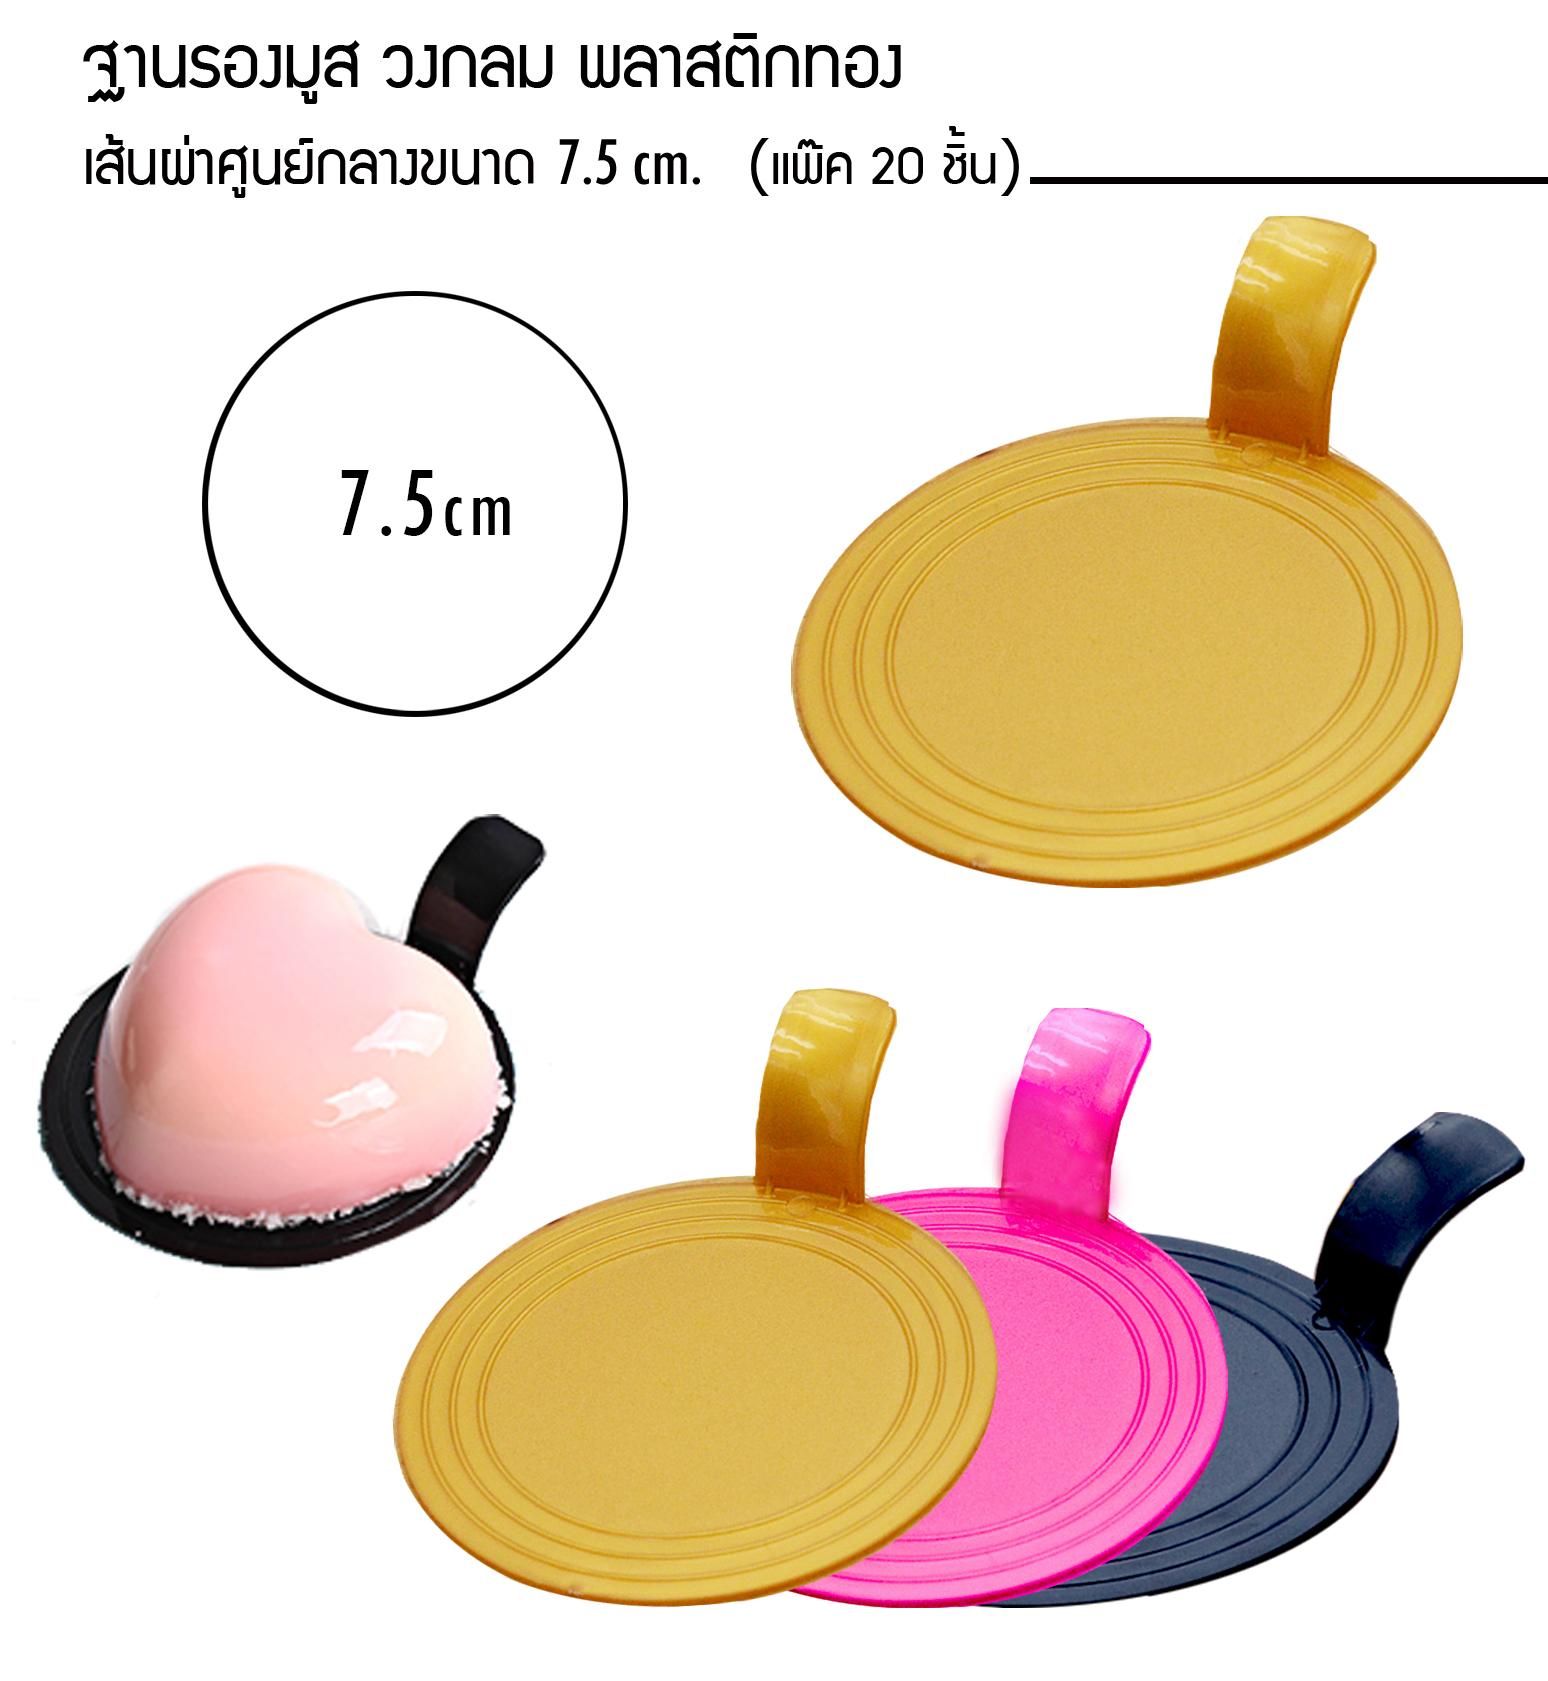 ฐานรองมูส กลม พลาสติกสีทอง แพ๊ค20 ชิ้น (7.5 cm.)